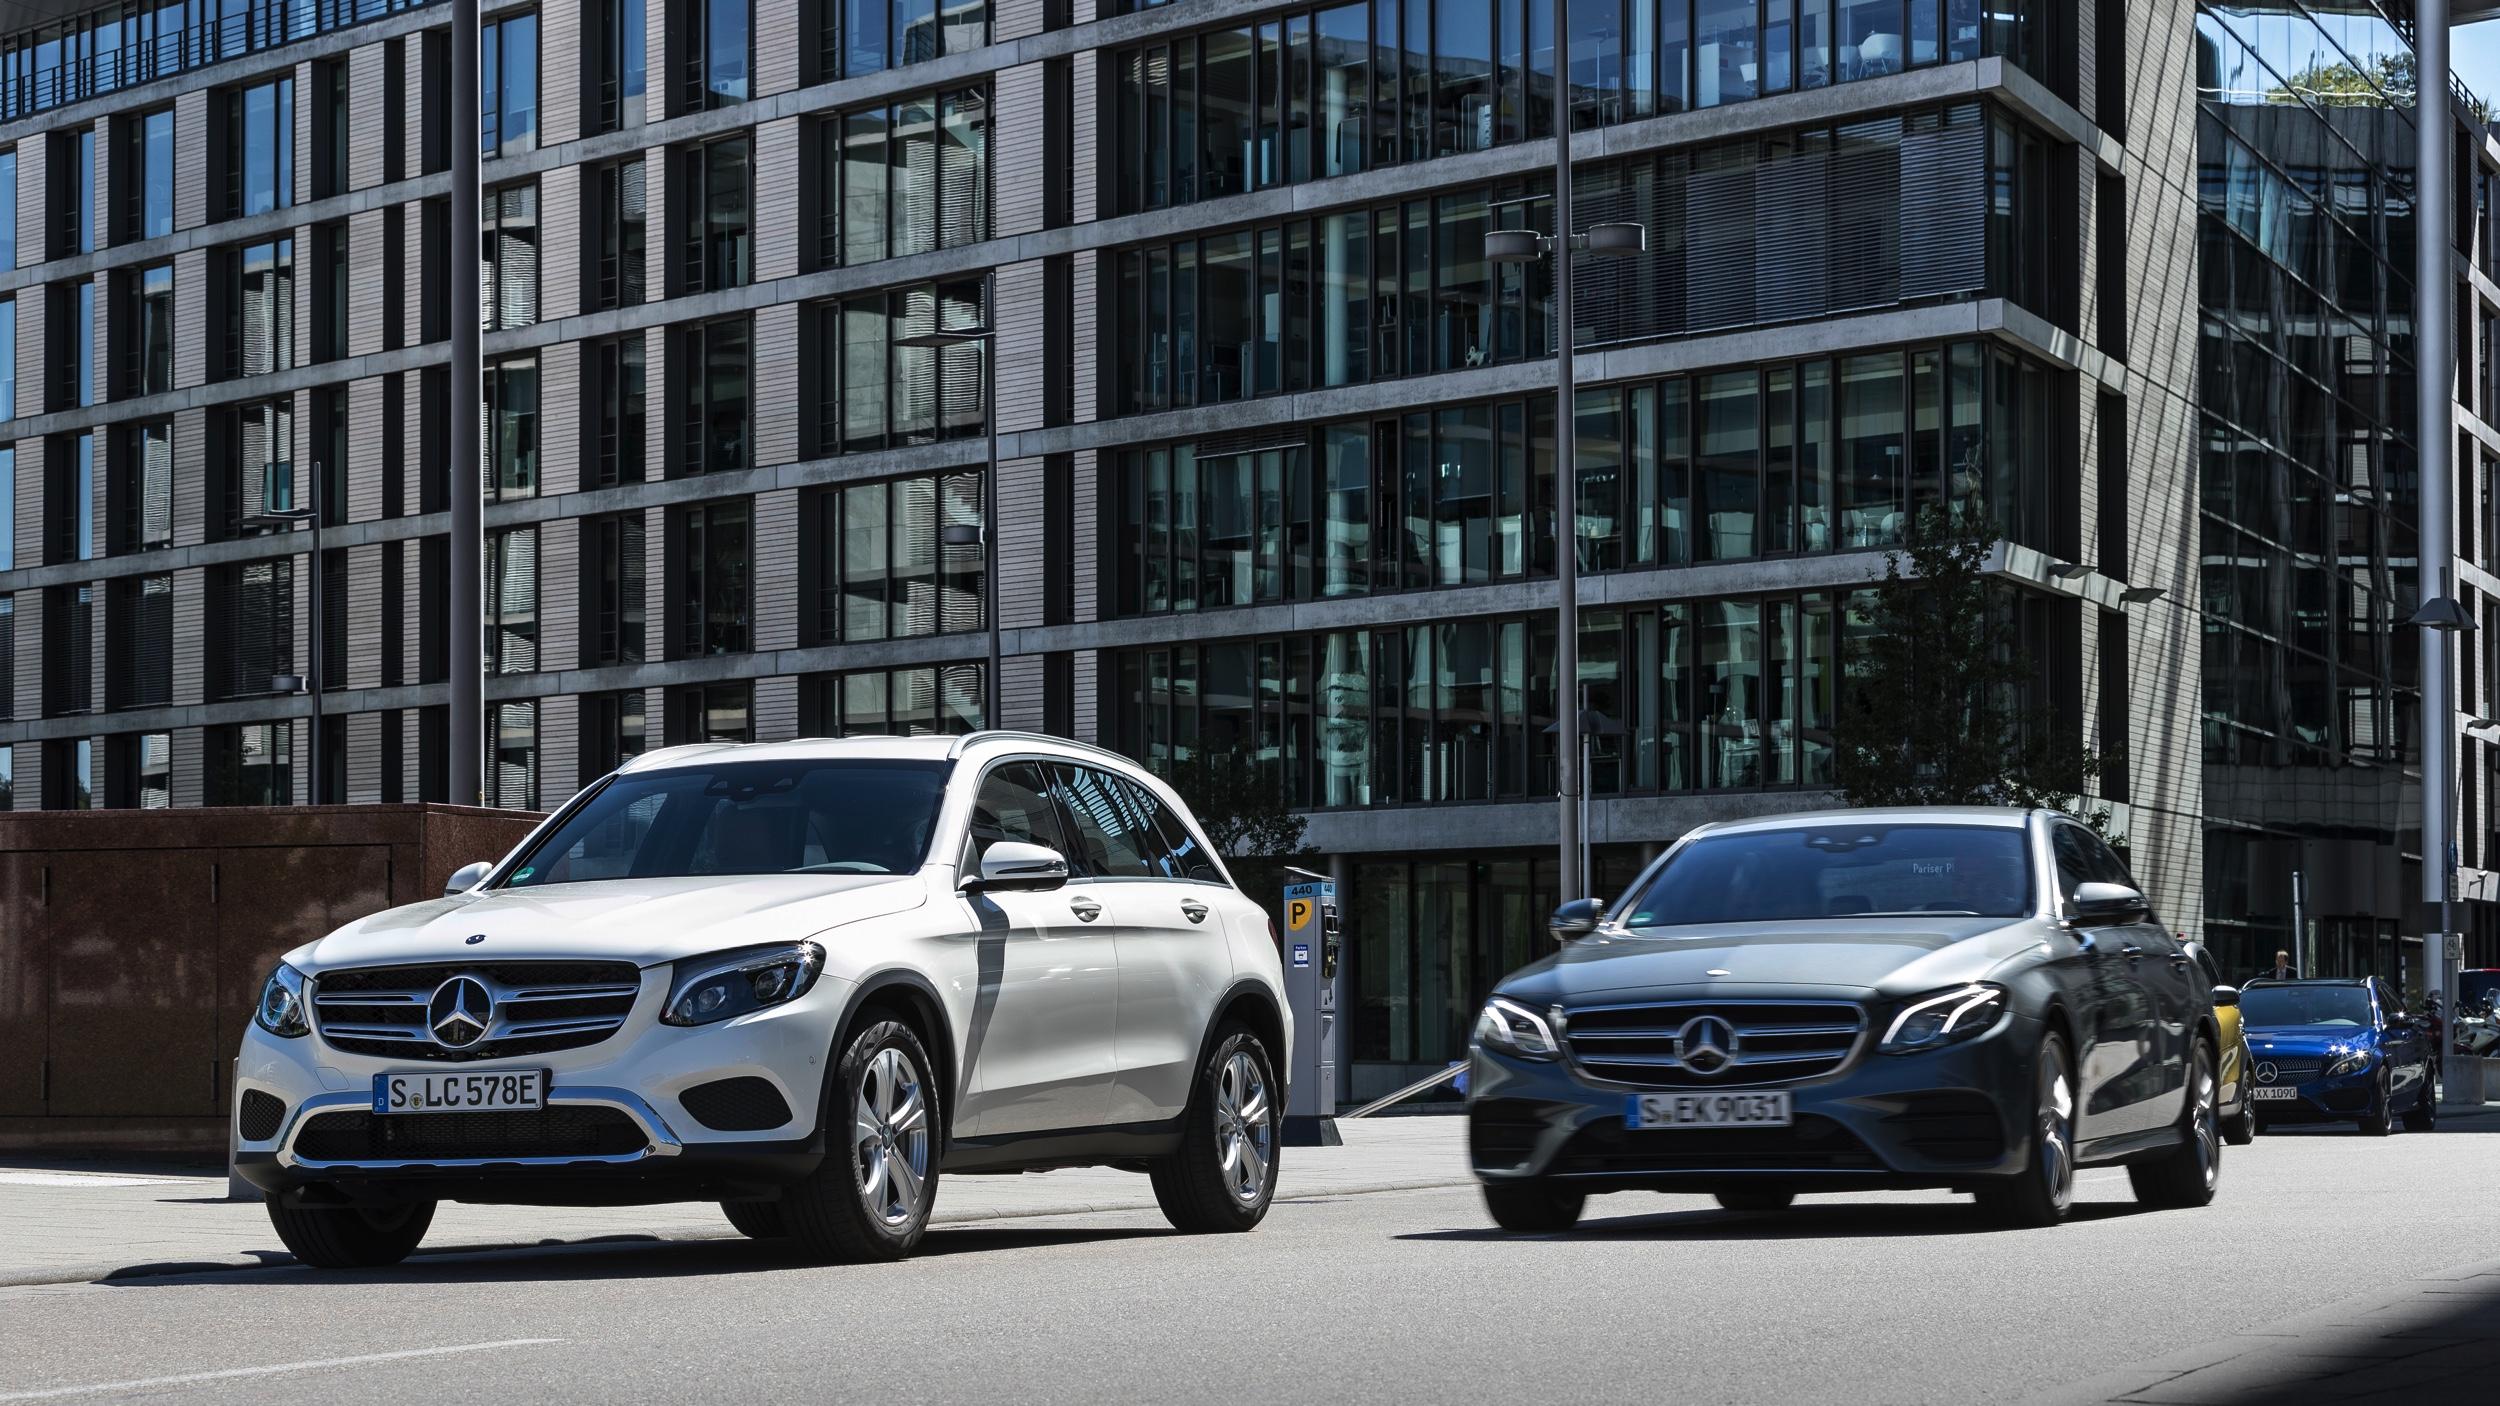 Mercedes-Benz Bosch parkeren -2- Autovisie.nl